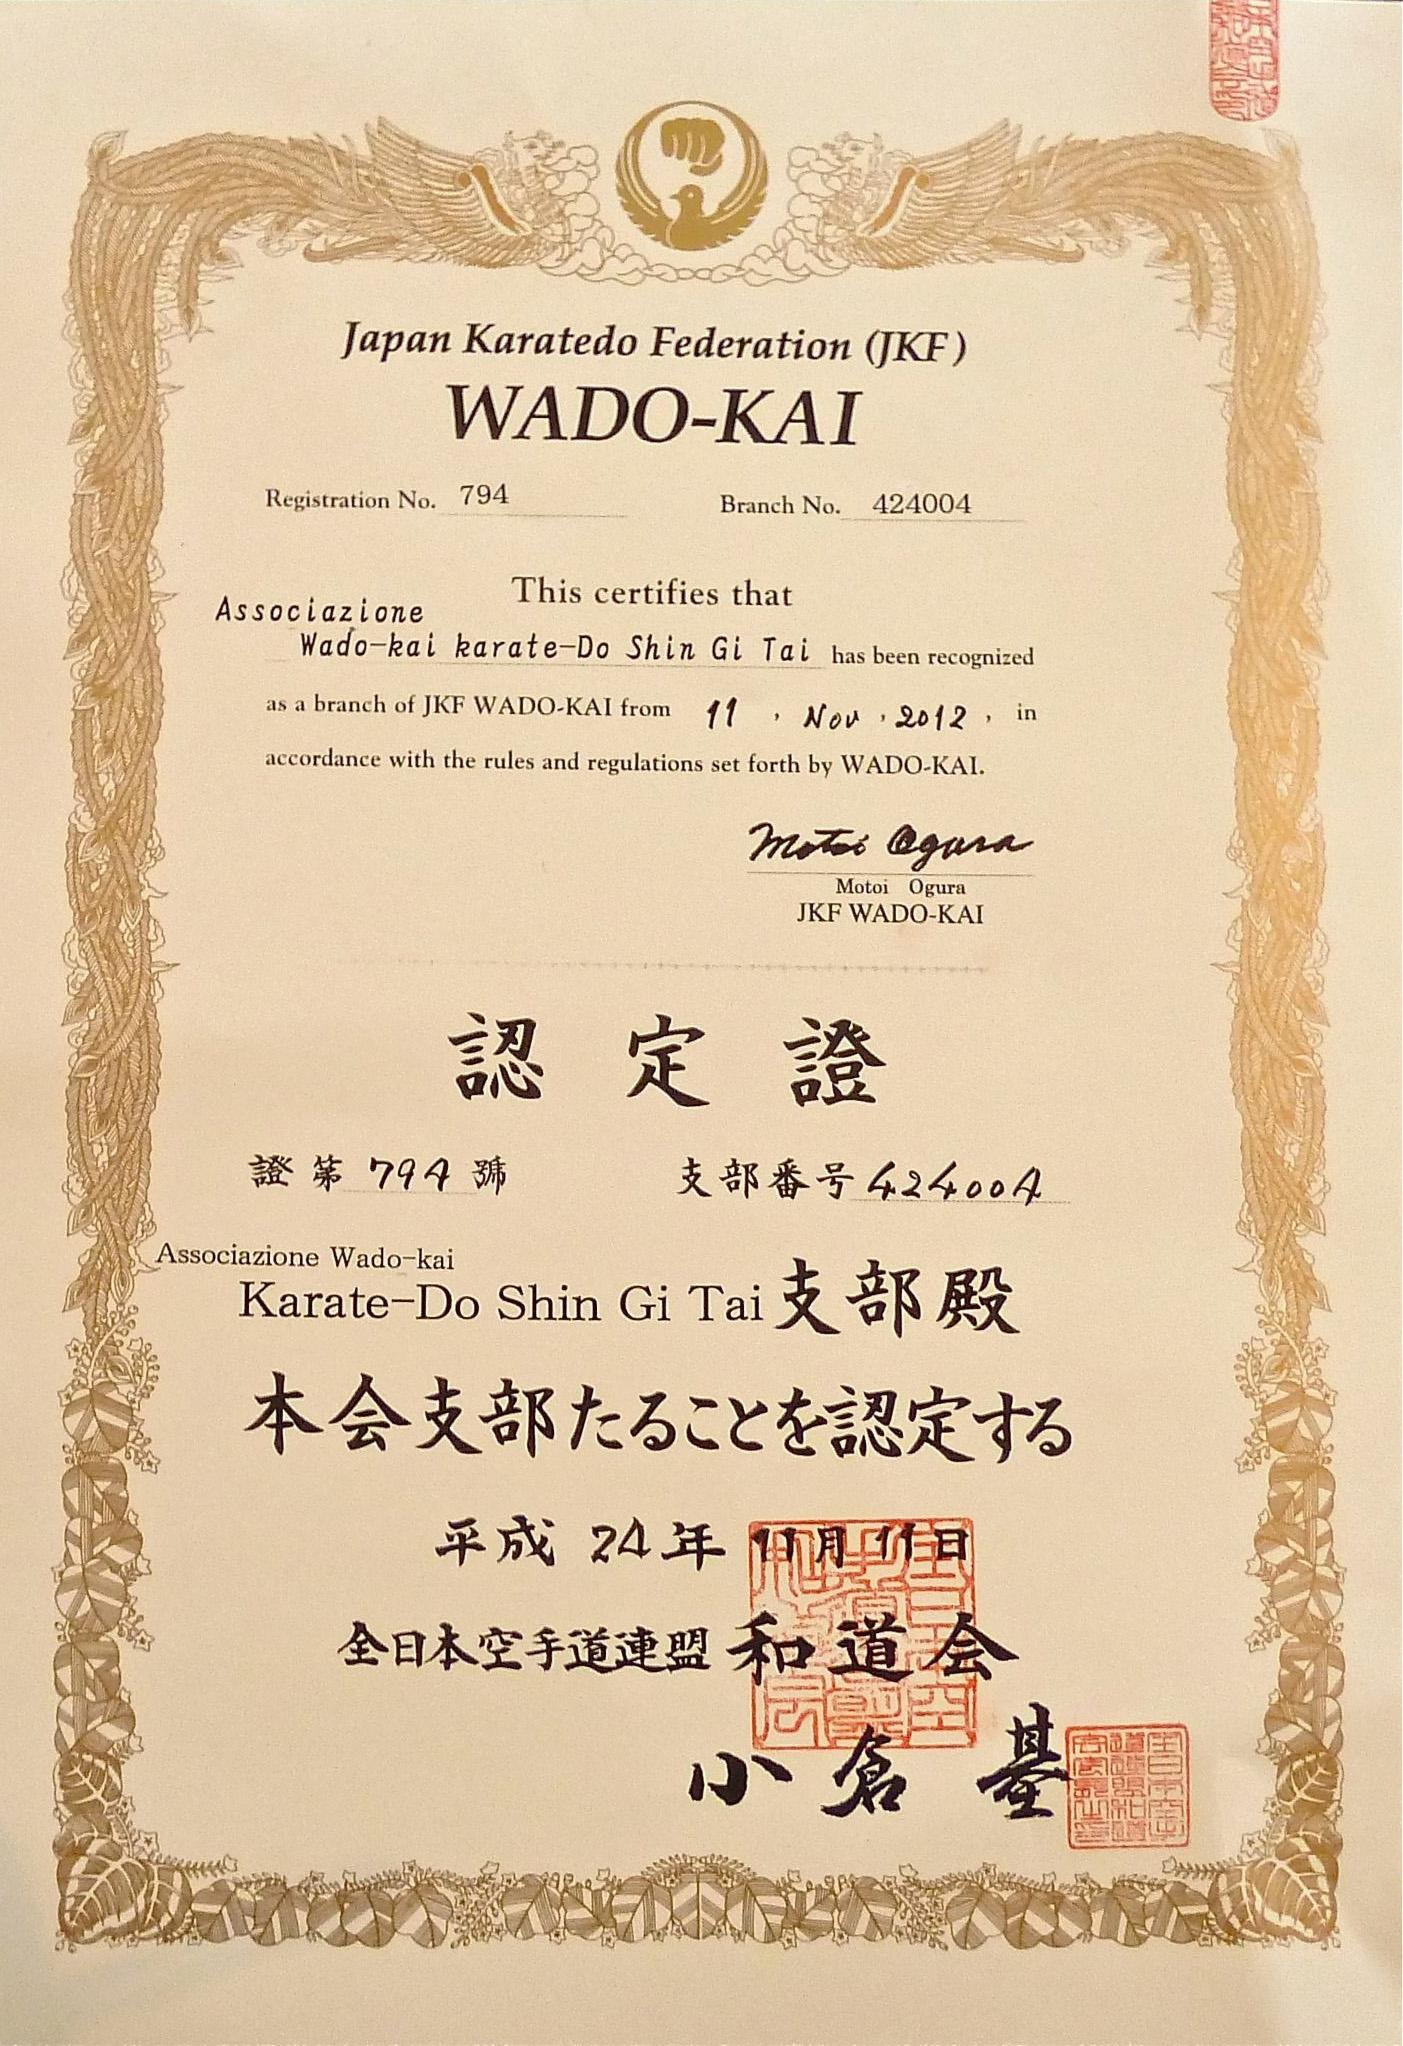 Il certificato della Japan Karatedo Federation Wado-Kai con cui riconosce la WKSI come sua divisione (branch n° 424004)